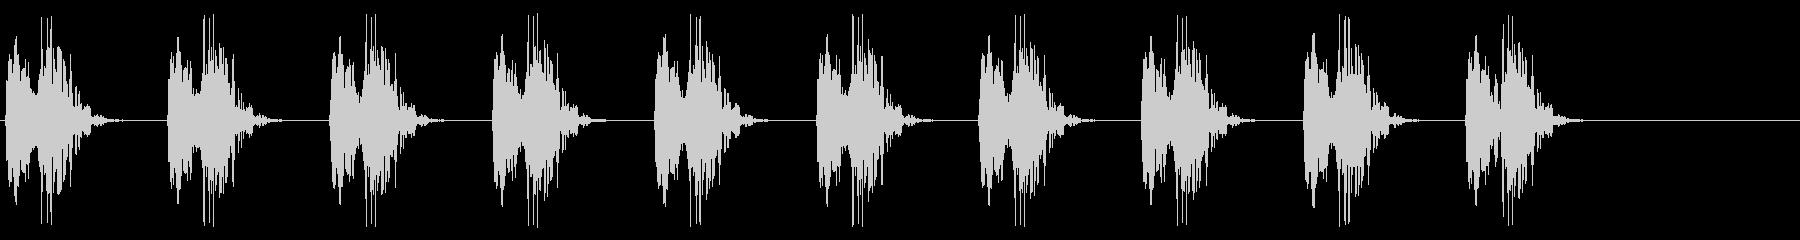 心音、心臓の鼓動_1-1の未再生の波形